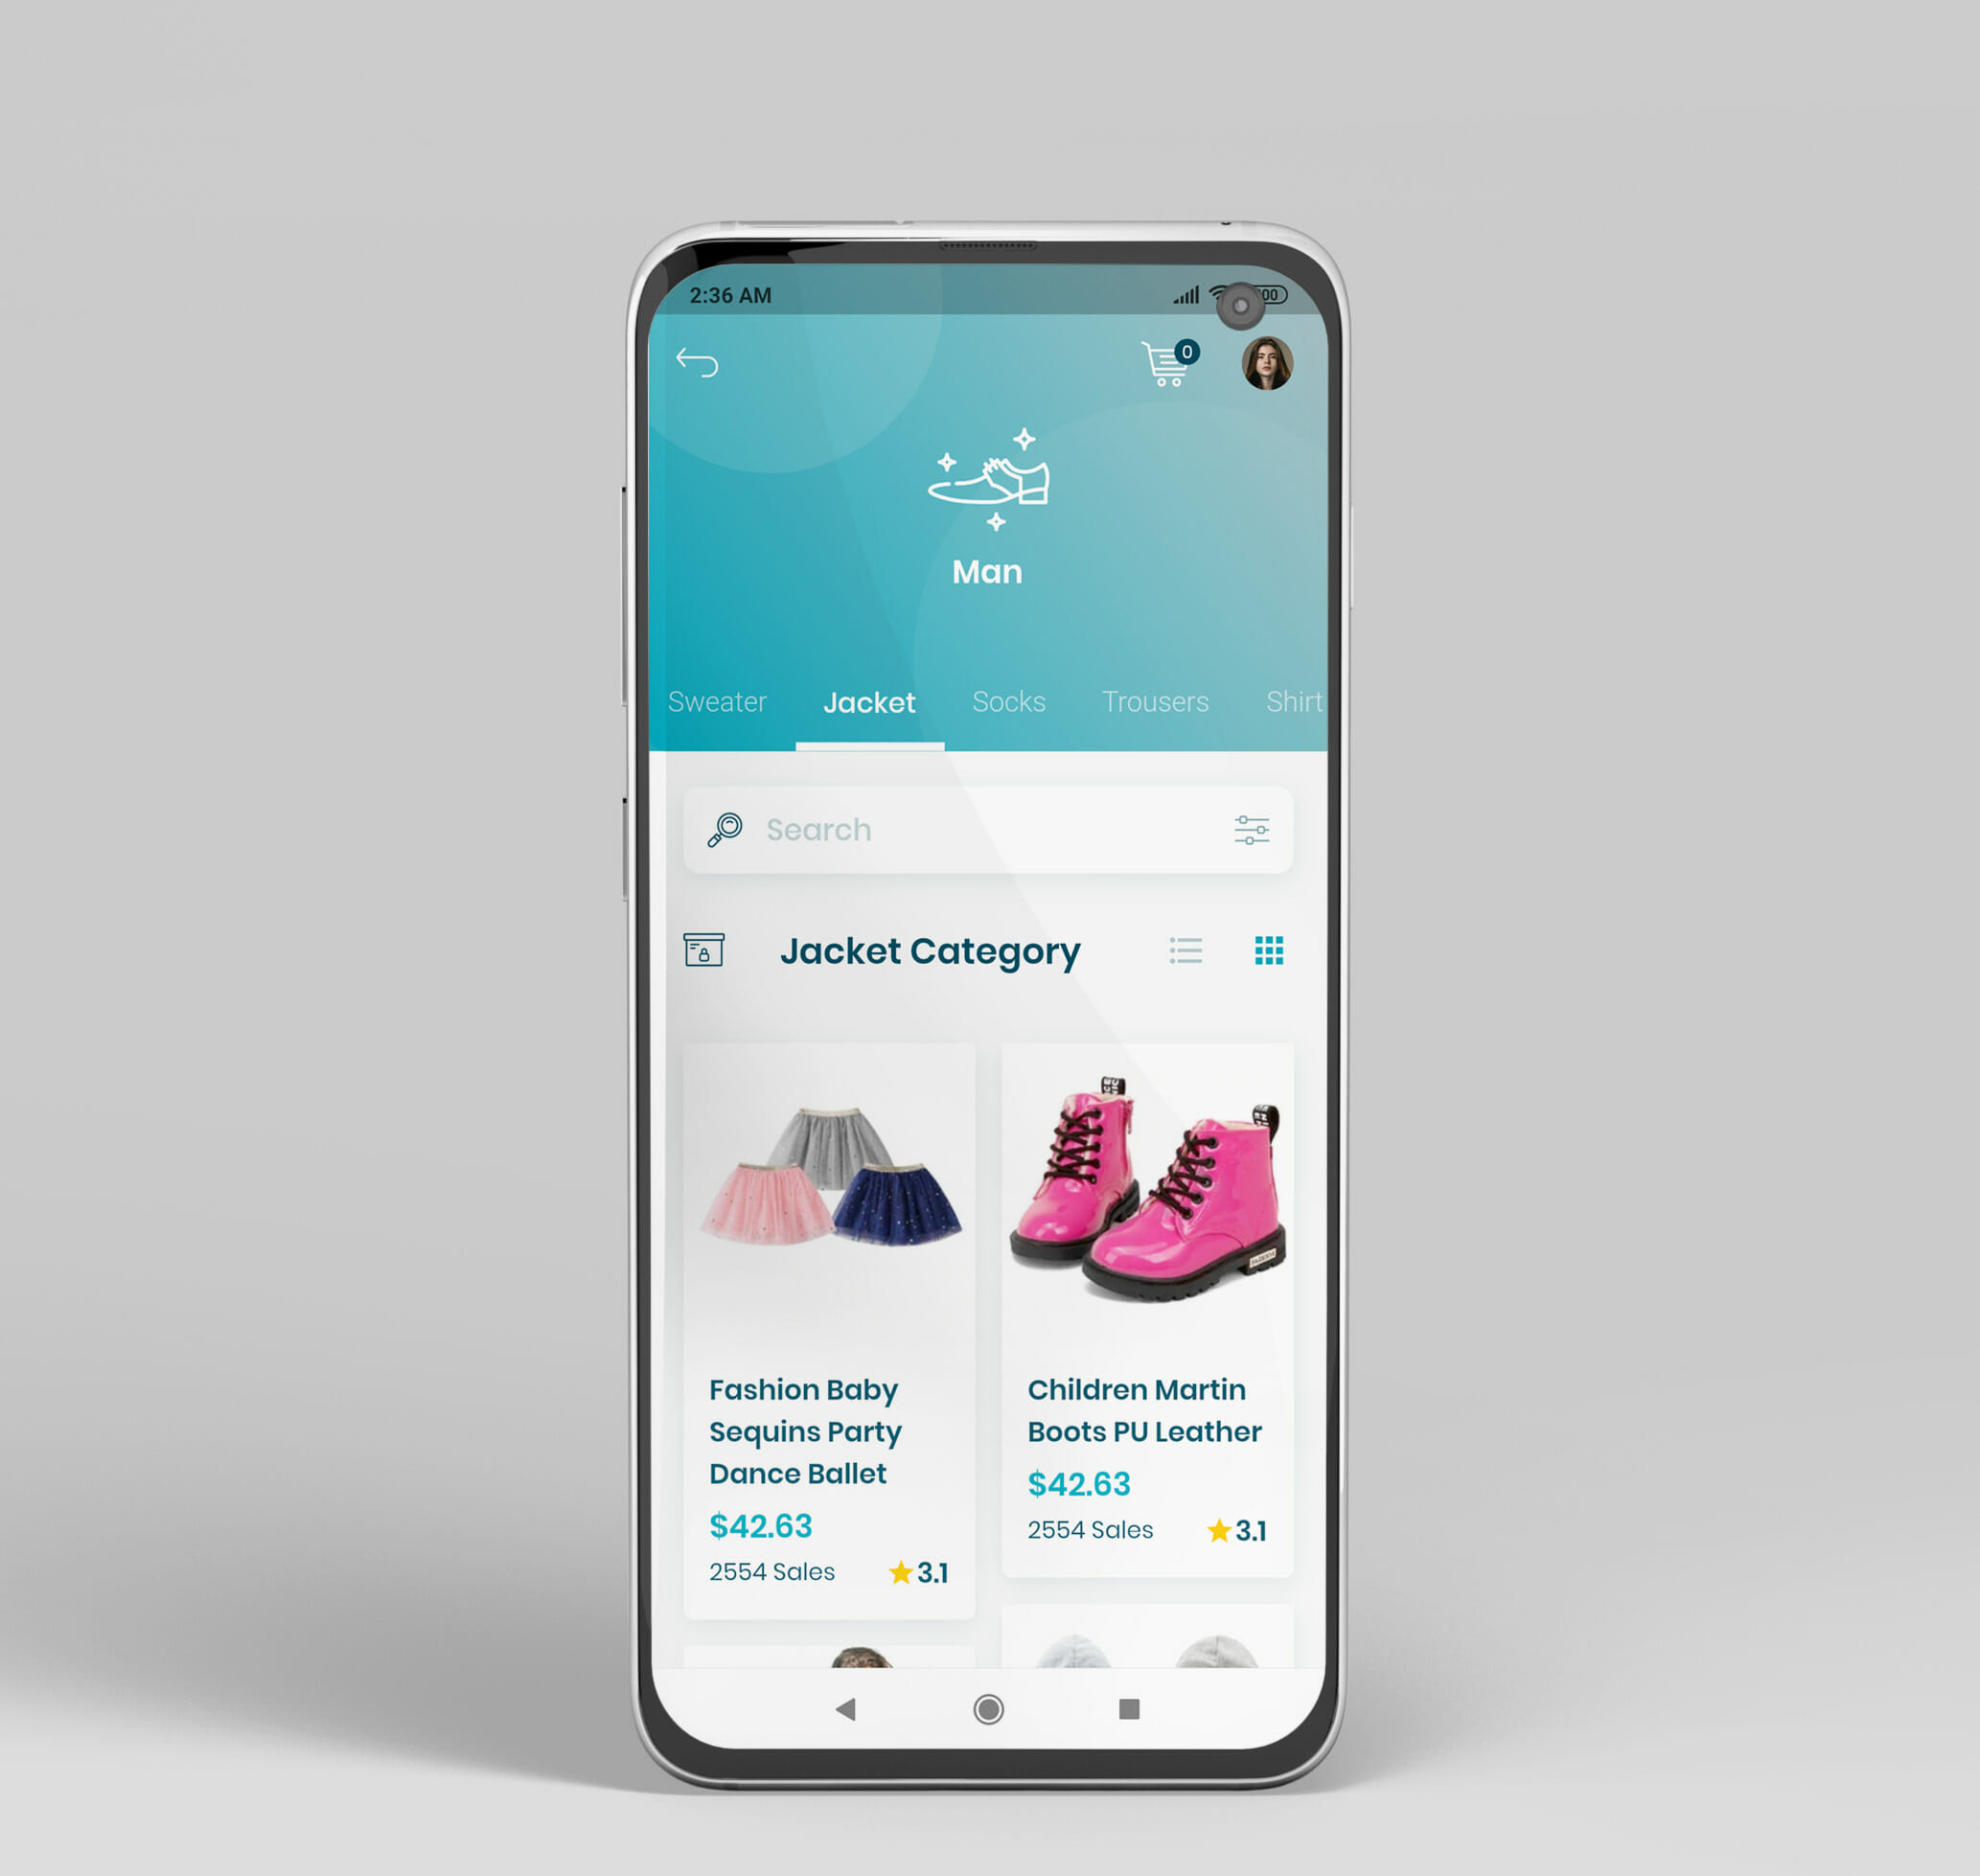 e commerce flutter app ui kit16